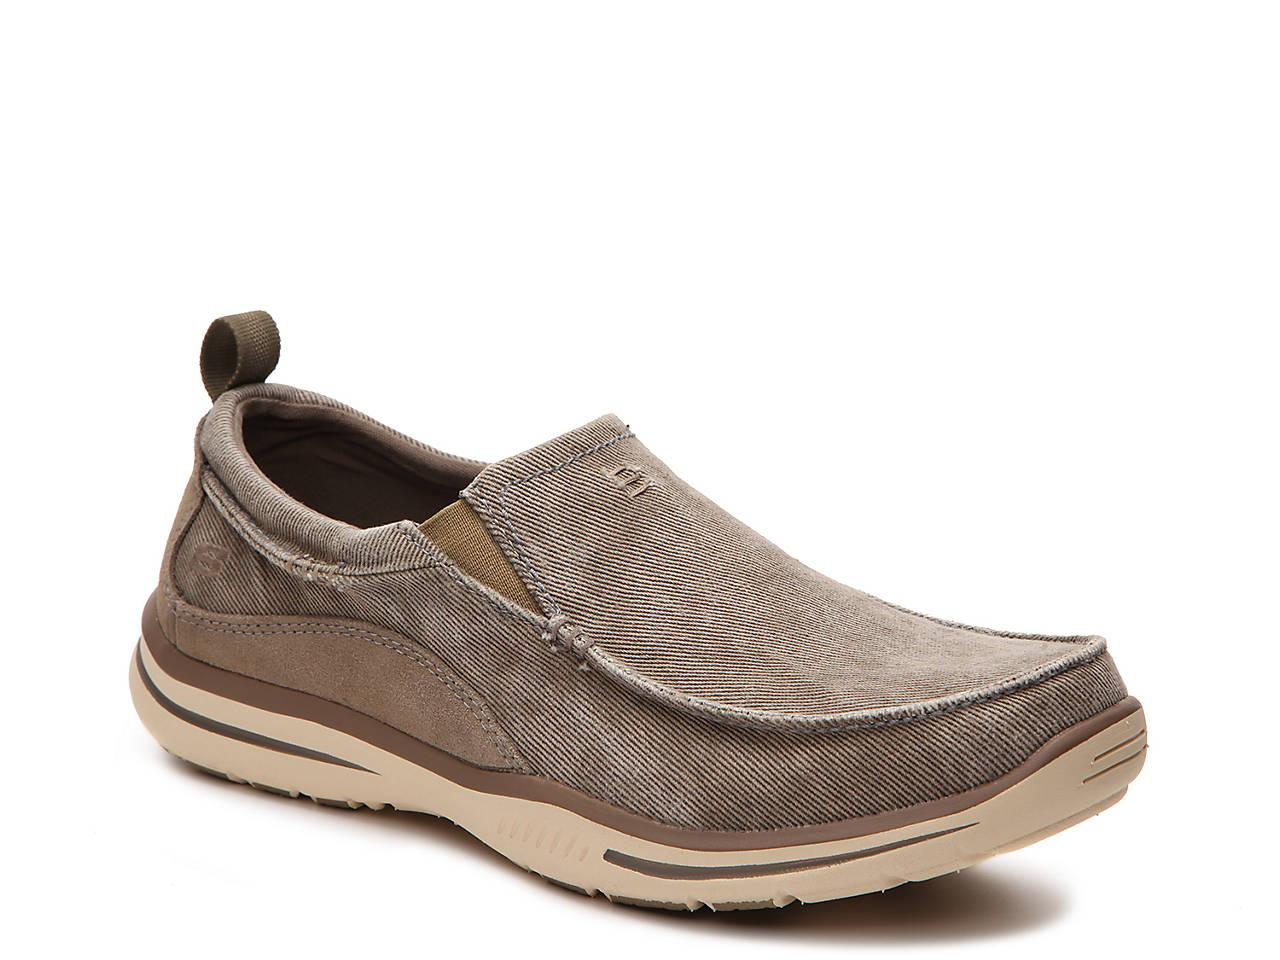 9bdc51d46 Skechers Relaxed Fit Drigo Slip-On Men's Shoes | DSW